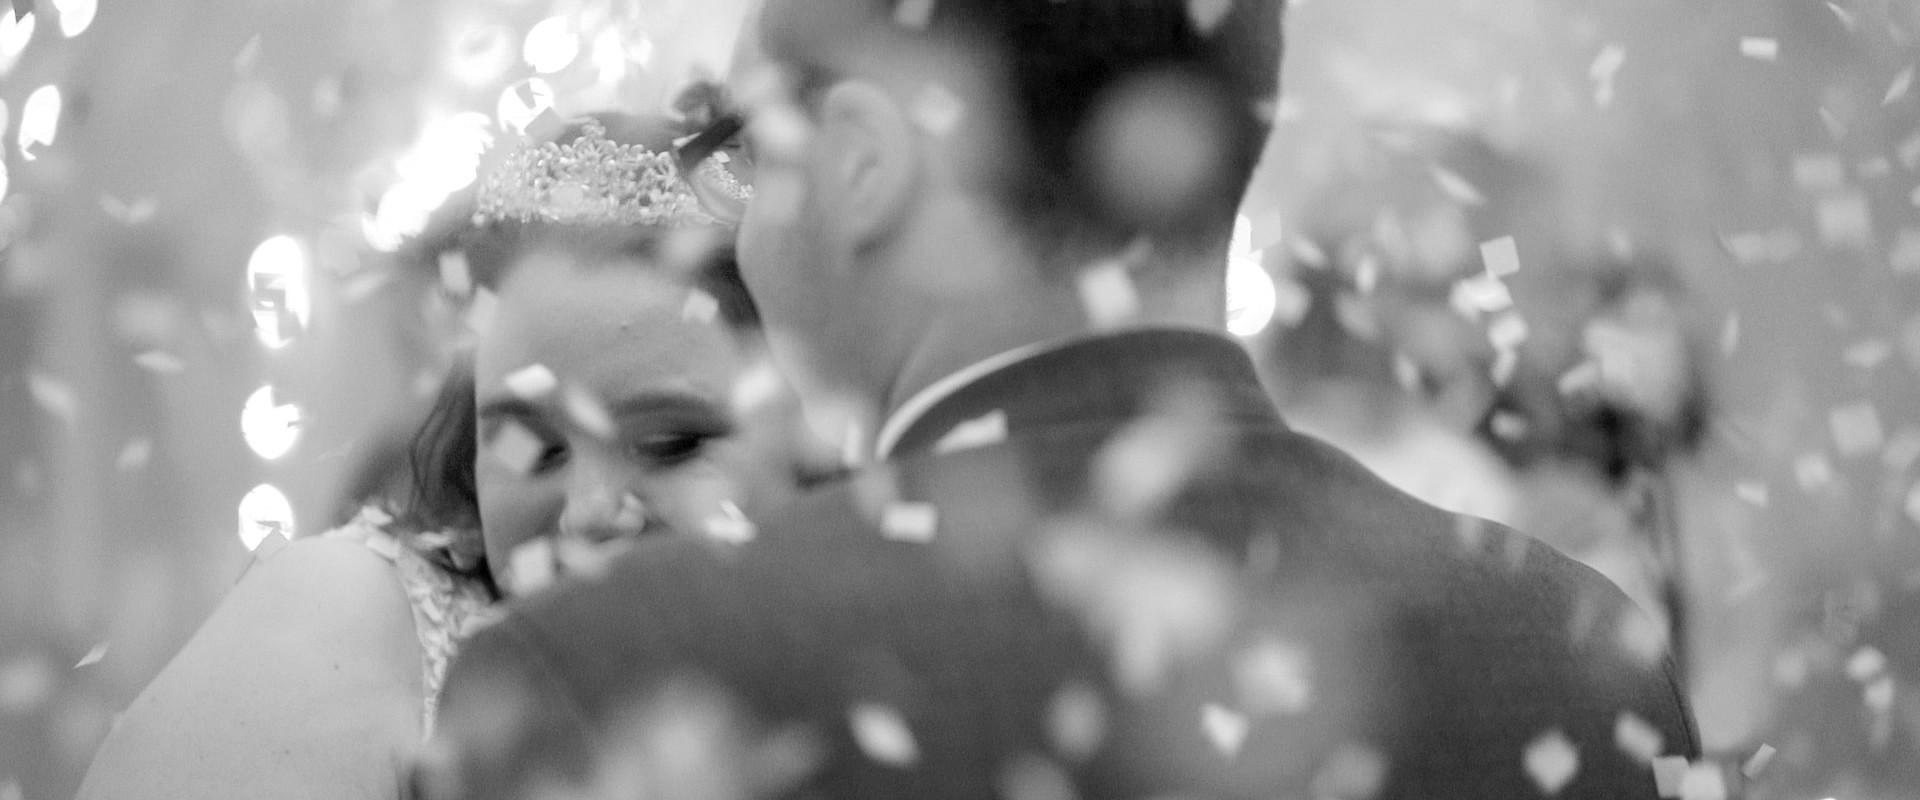 Wedding-ShortFilm-BW.00_06_06_07.Still05